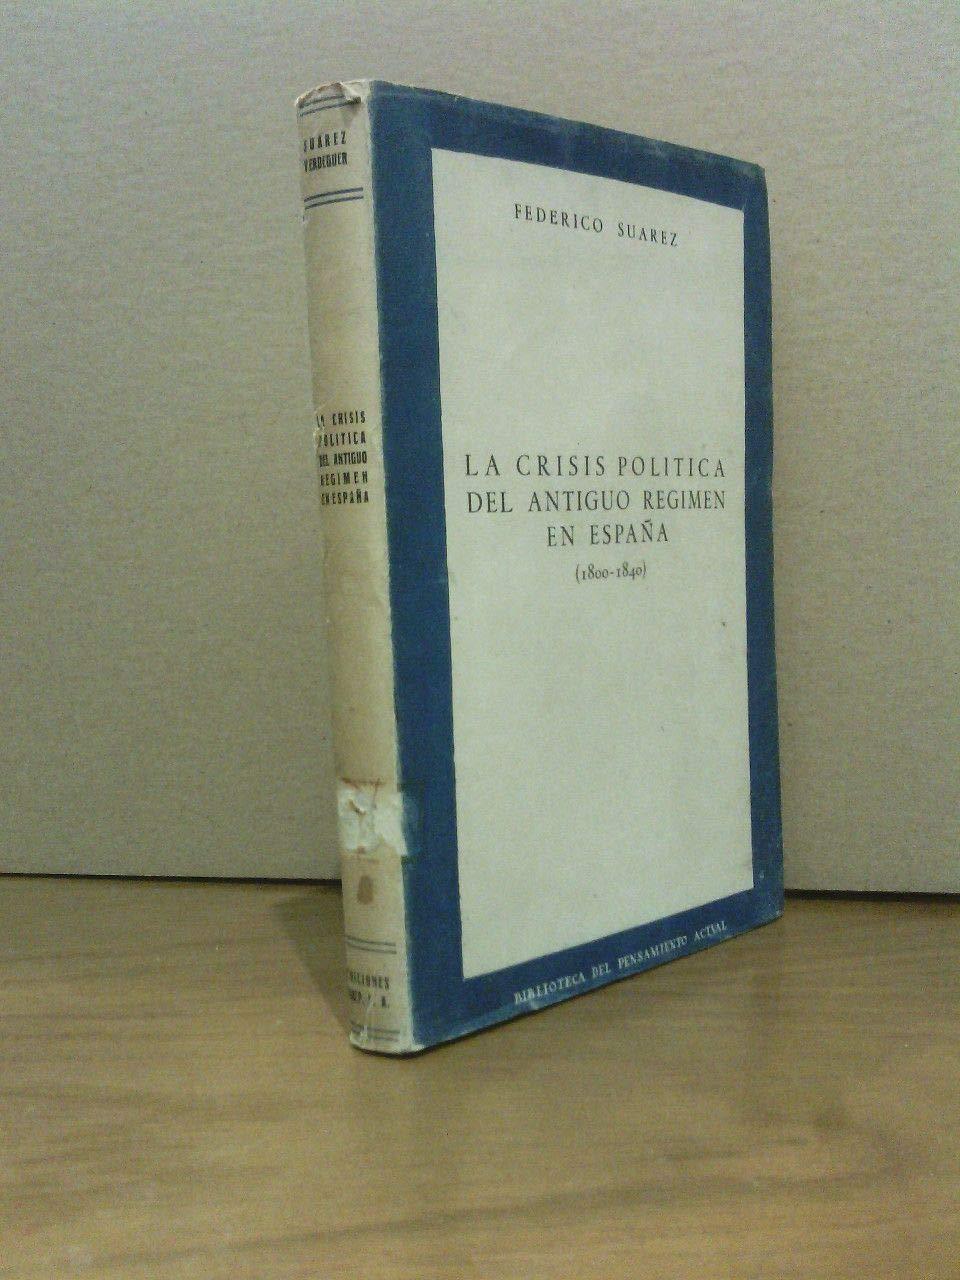 CRISIS POLITICA DEL ANTIGUO REGIMEN EN ESPAÑA - LA 1800-1840: Amazon.es: SUAREZ, Federico: Libros